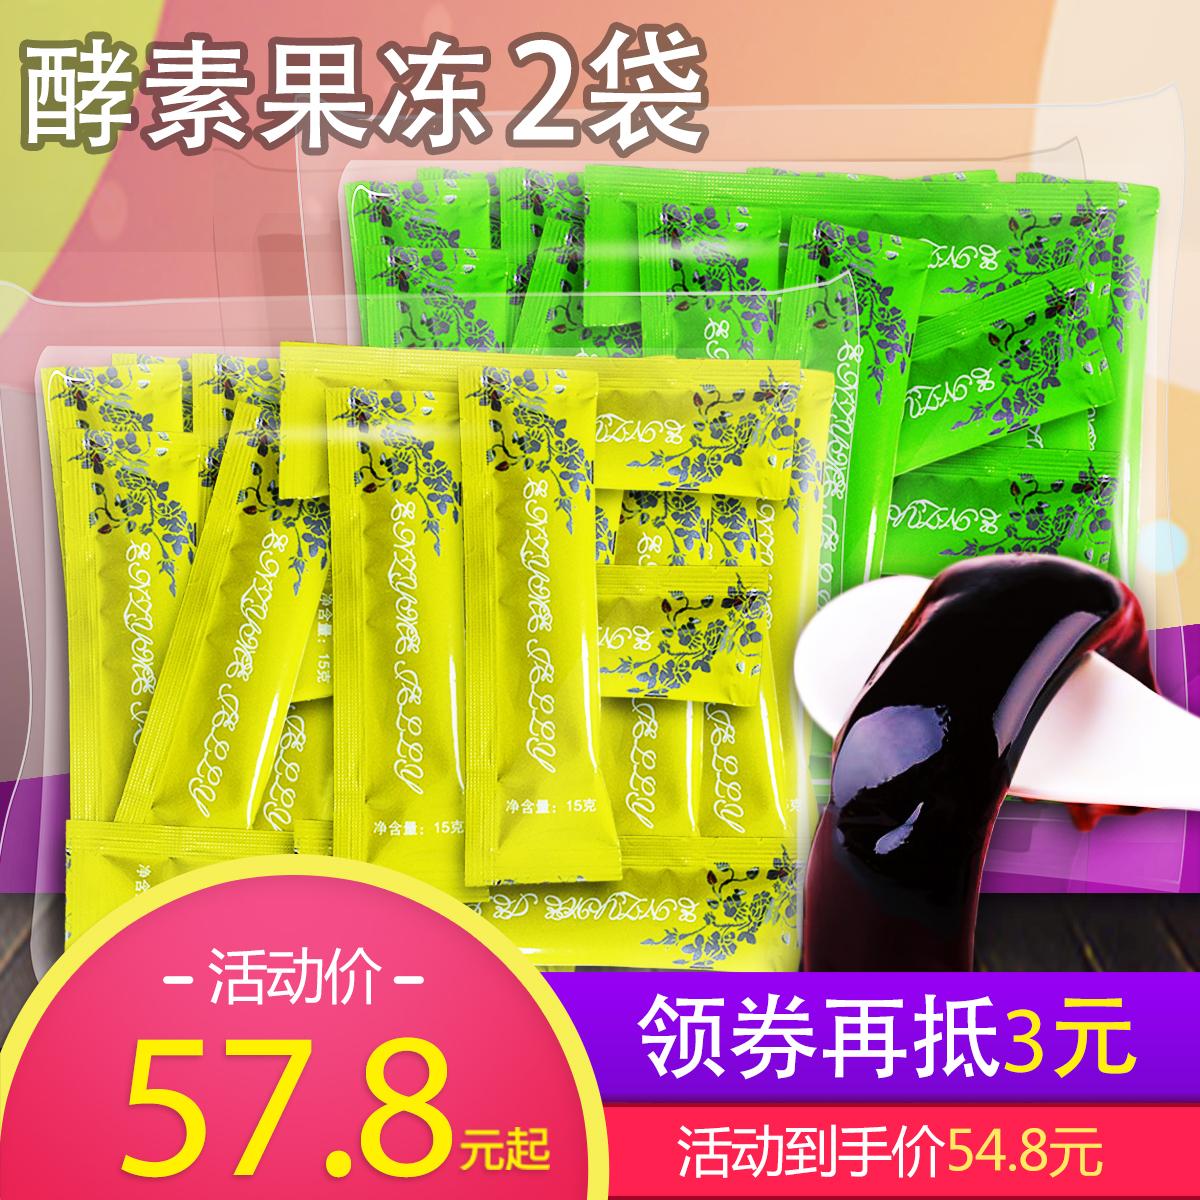 纤秀堂水果酵素果冻正品益生菌蓝莓味布丁果冻条日本美容院增强版